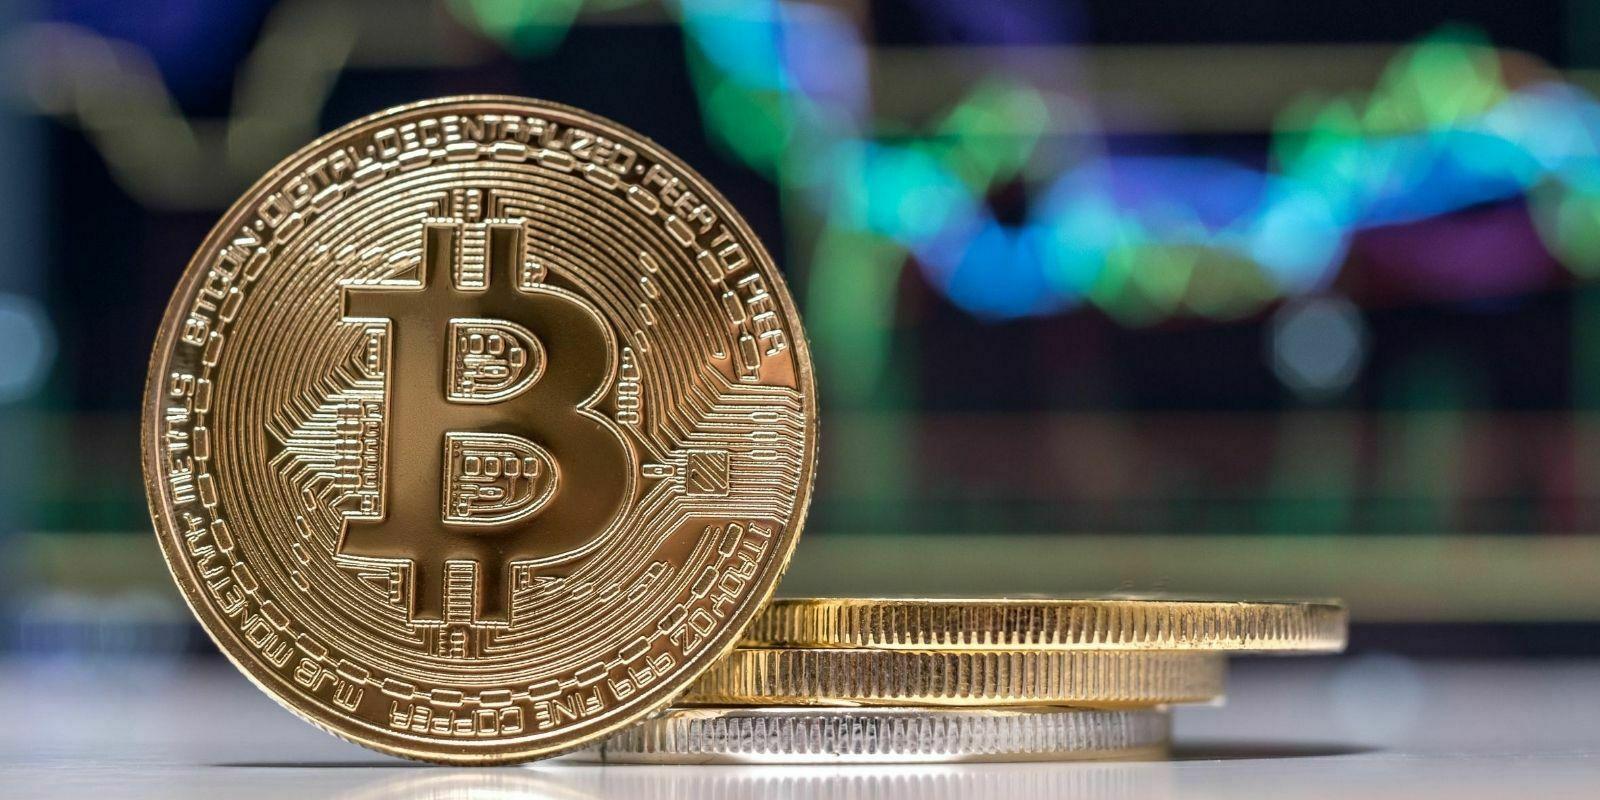 Le moment idéal pour acheter du Bitcoin (BTC) serait le dimanche soir